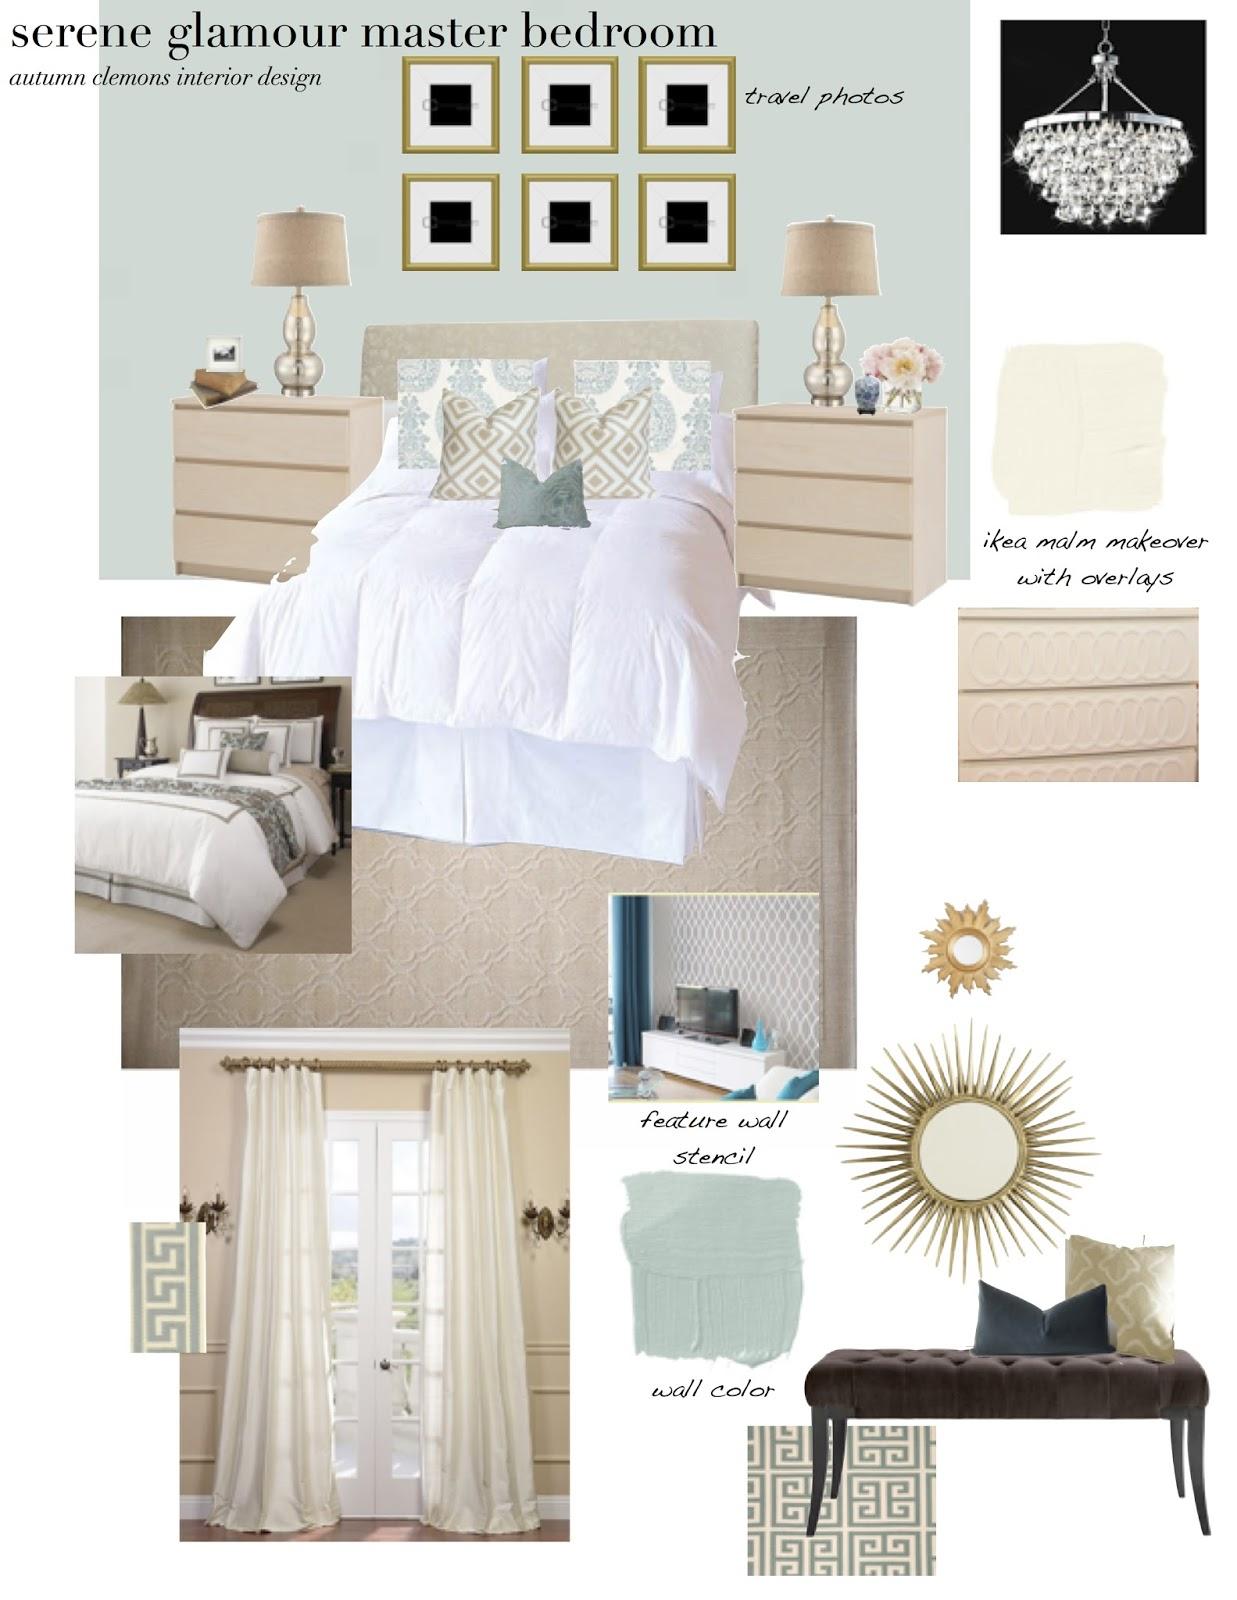 Design Dump Design Plan Serene Glamour Master Bedroom